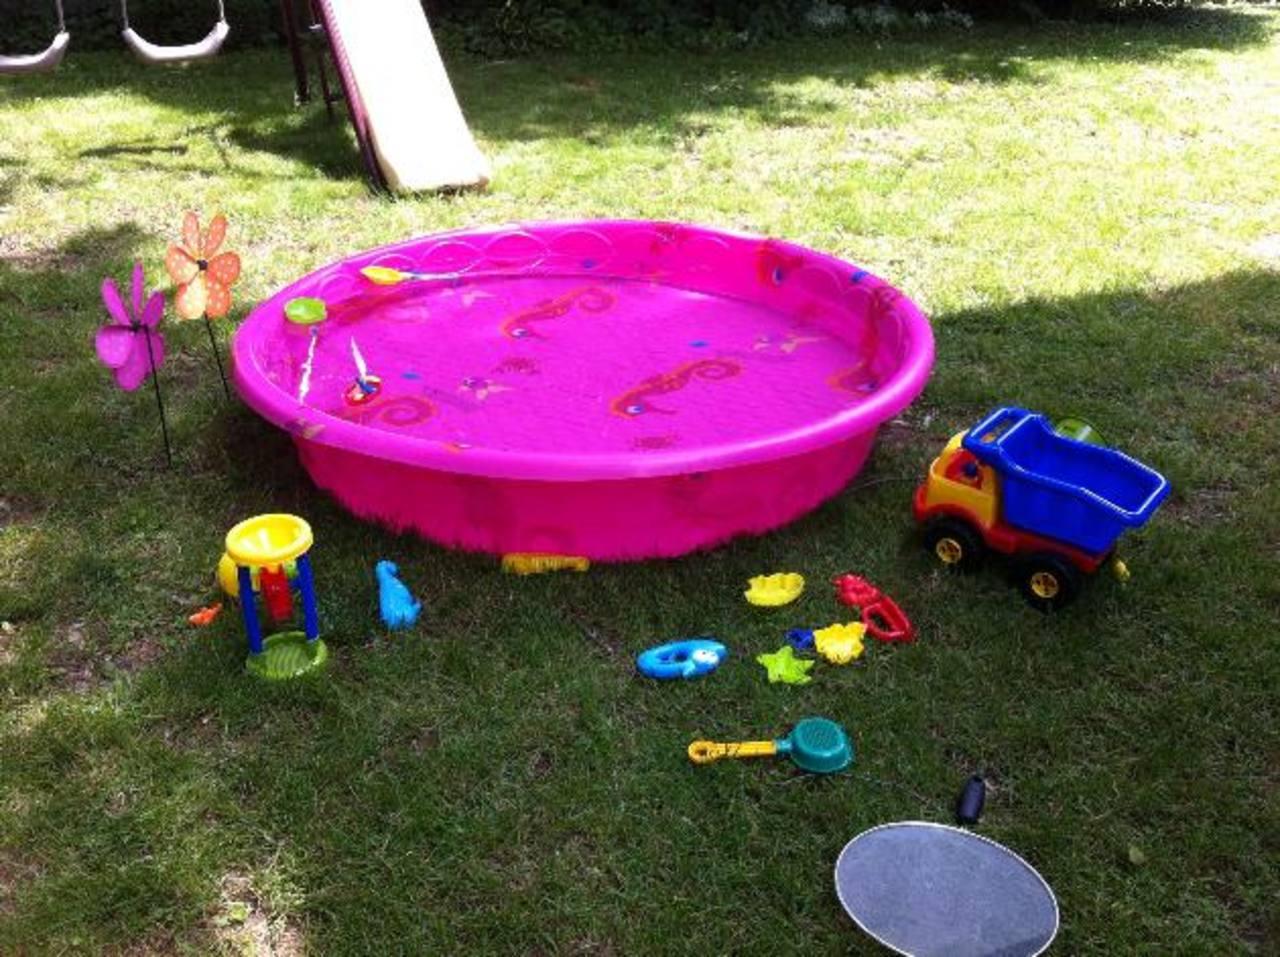 Espacios y objetos más comunes pueden ser causa de mortalidad: bañeras, cubos o baldes, así como piscinas. foto EDH